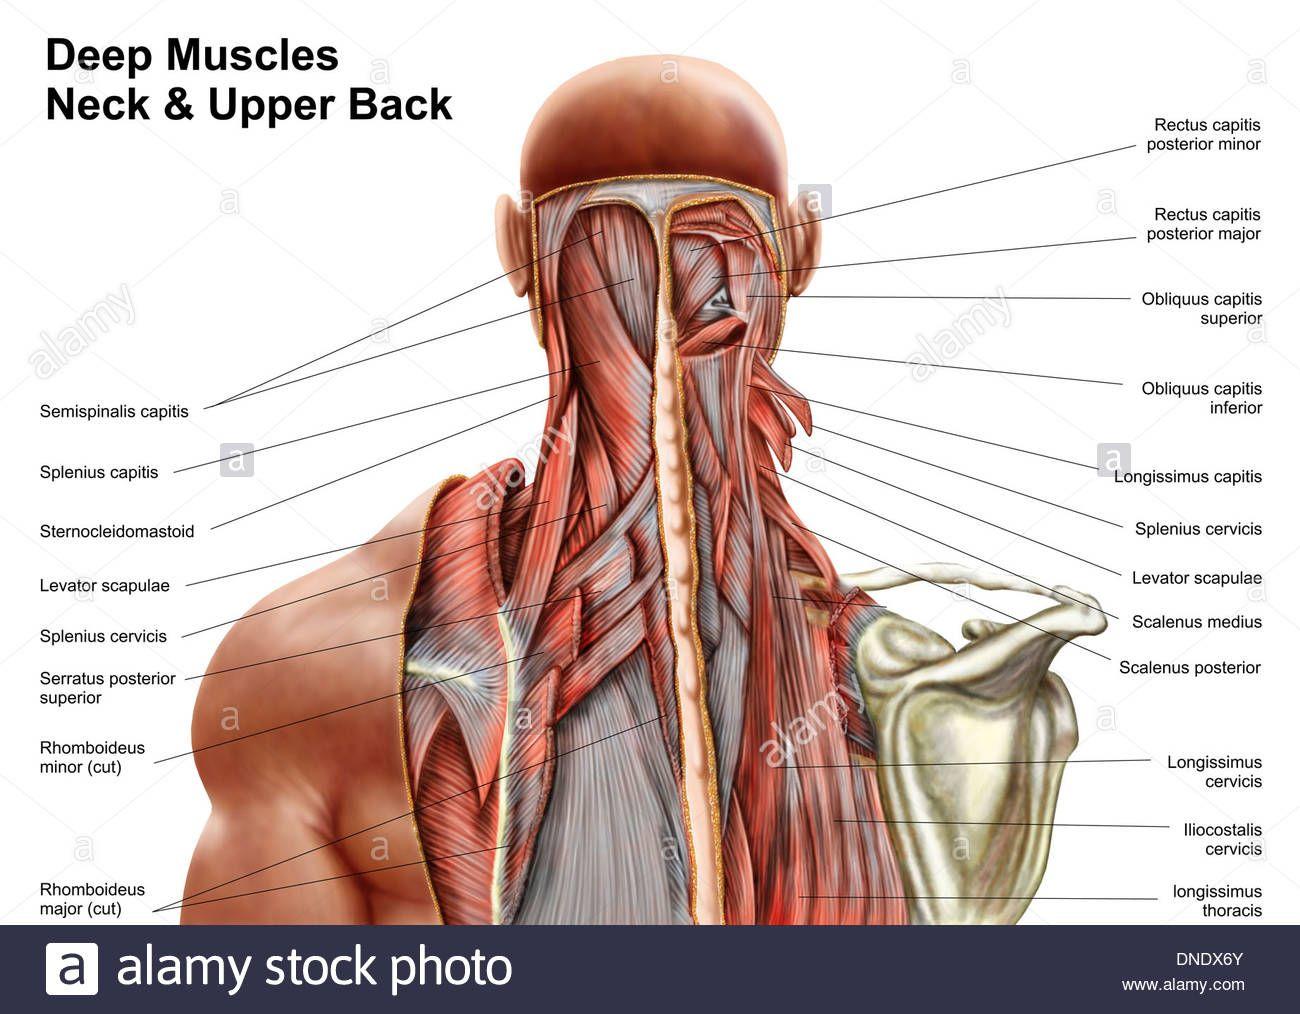 anatomia-humana-mostrando-musculos-profundos-en-el-cuello-y-la-parte ...